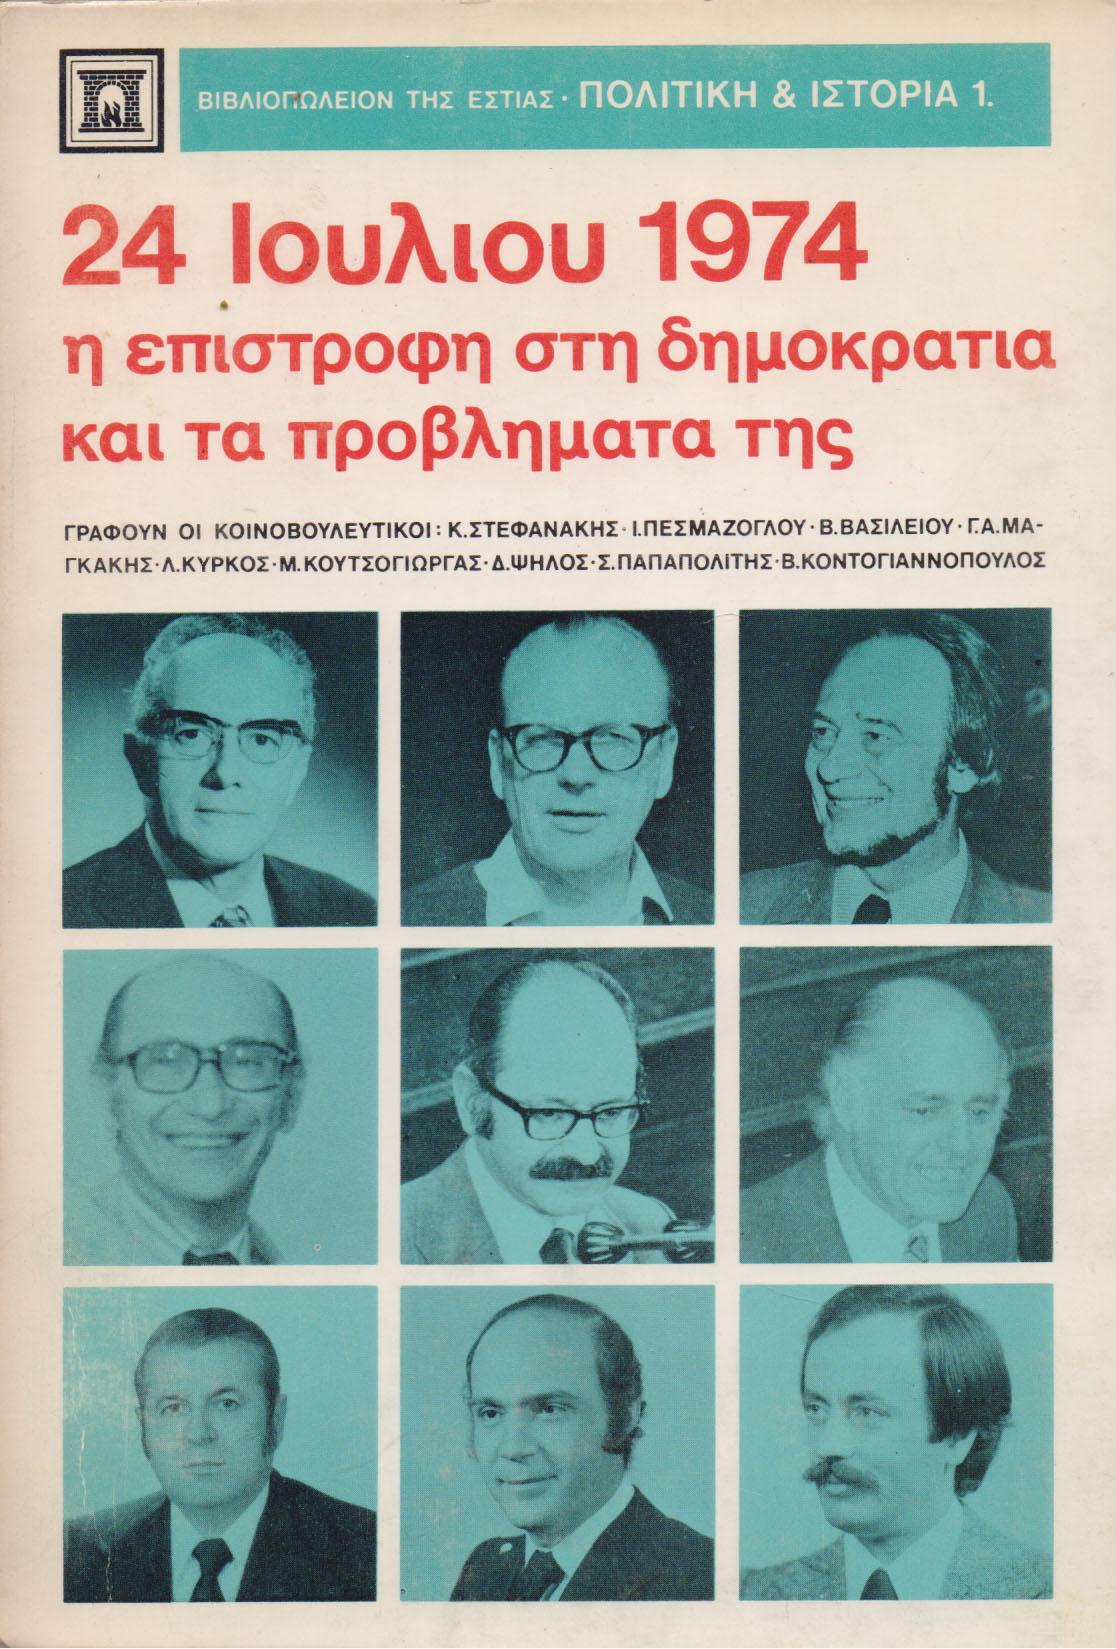 24 IOULIOU 1974